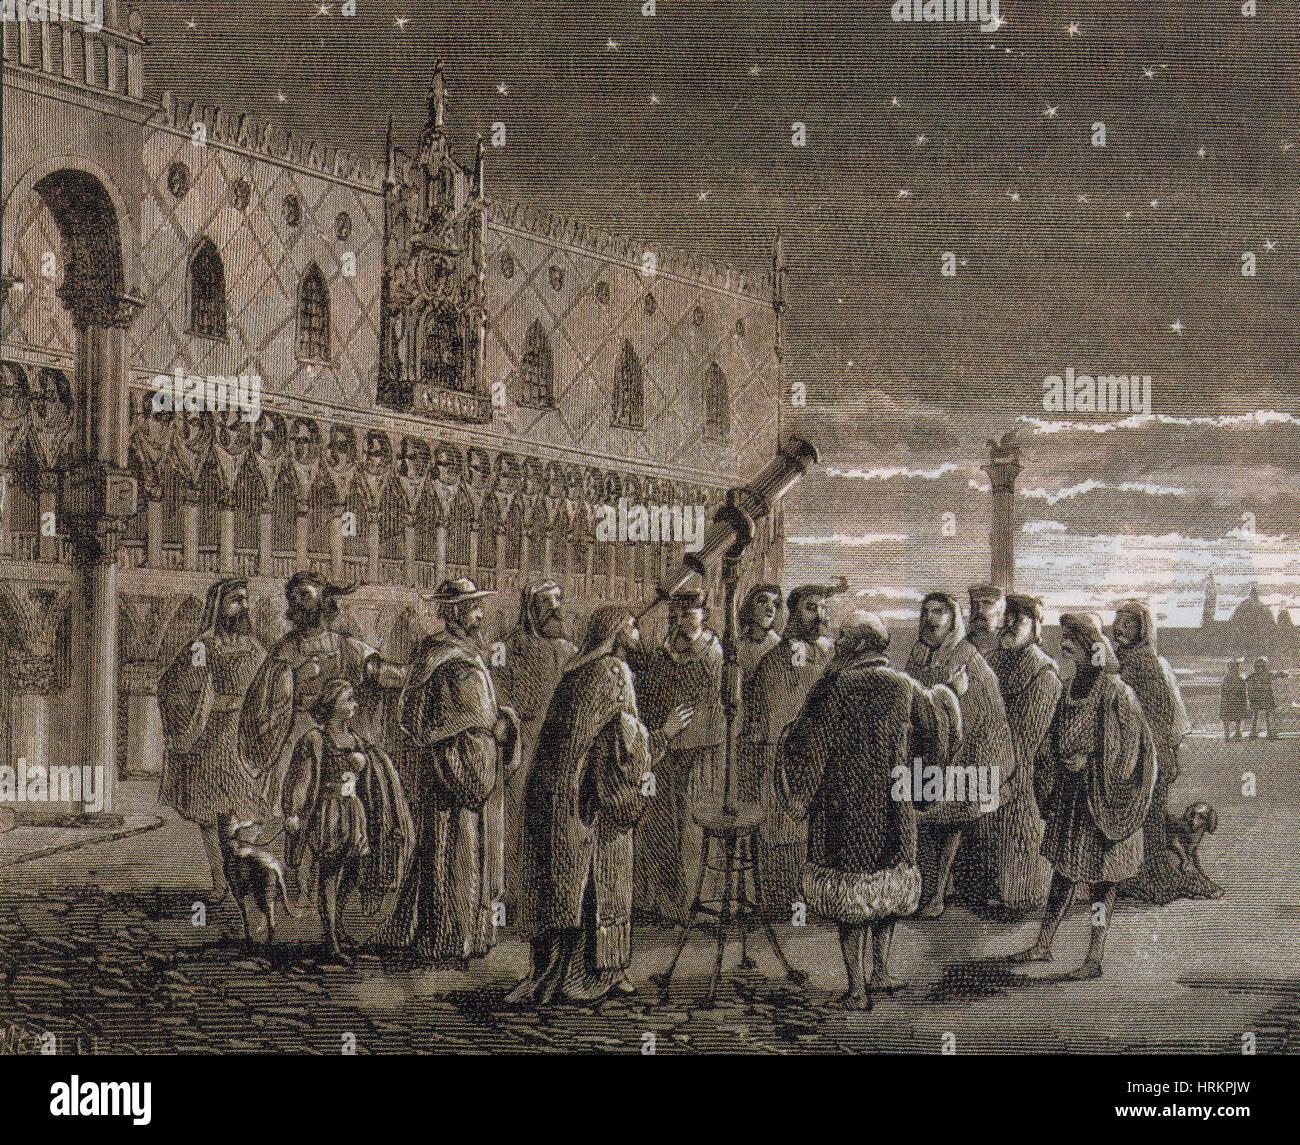 Galileo Galilei Demonstrating His Telescope, 1609